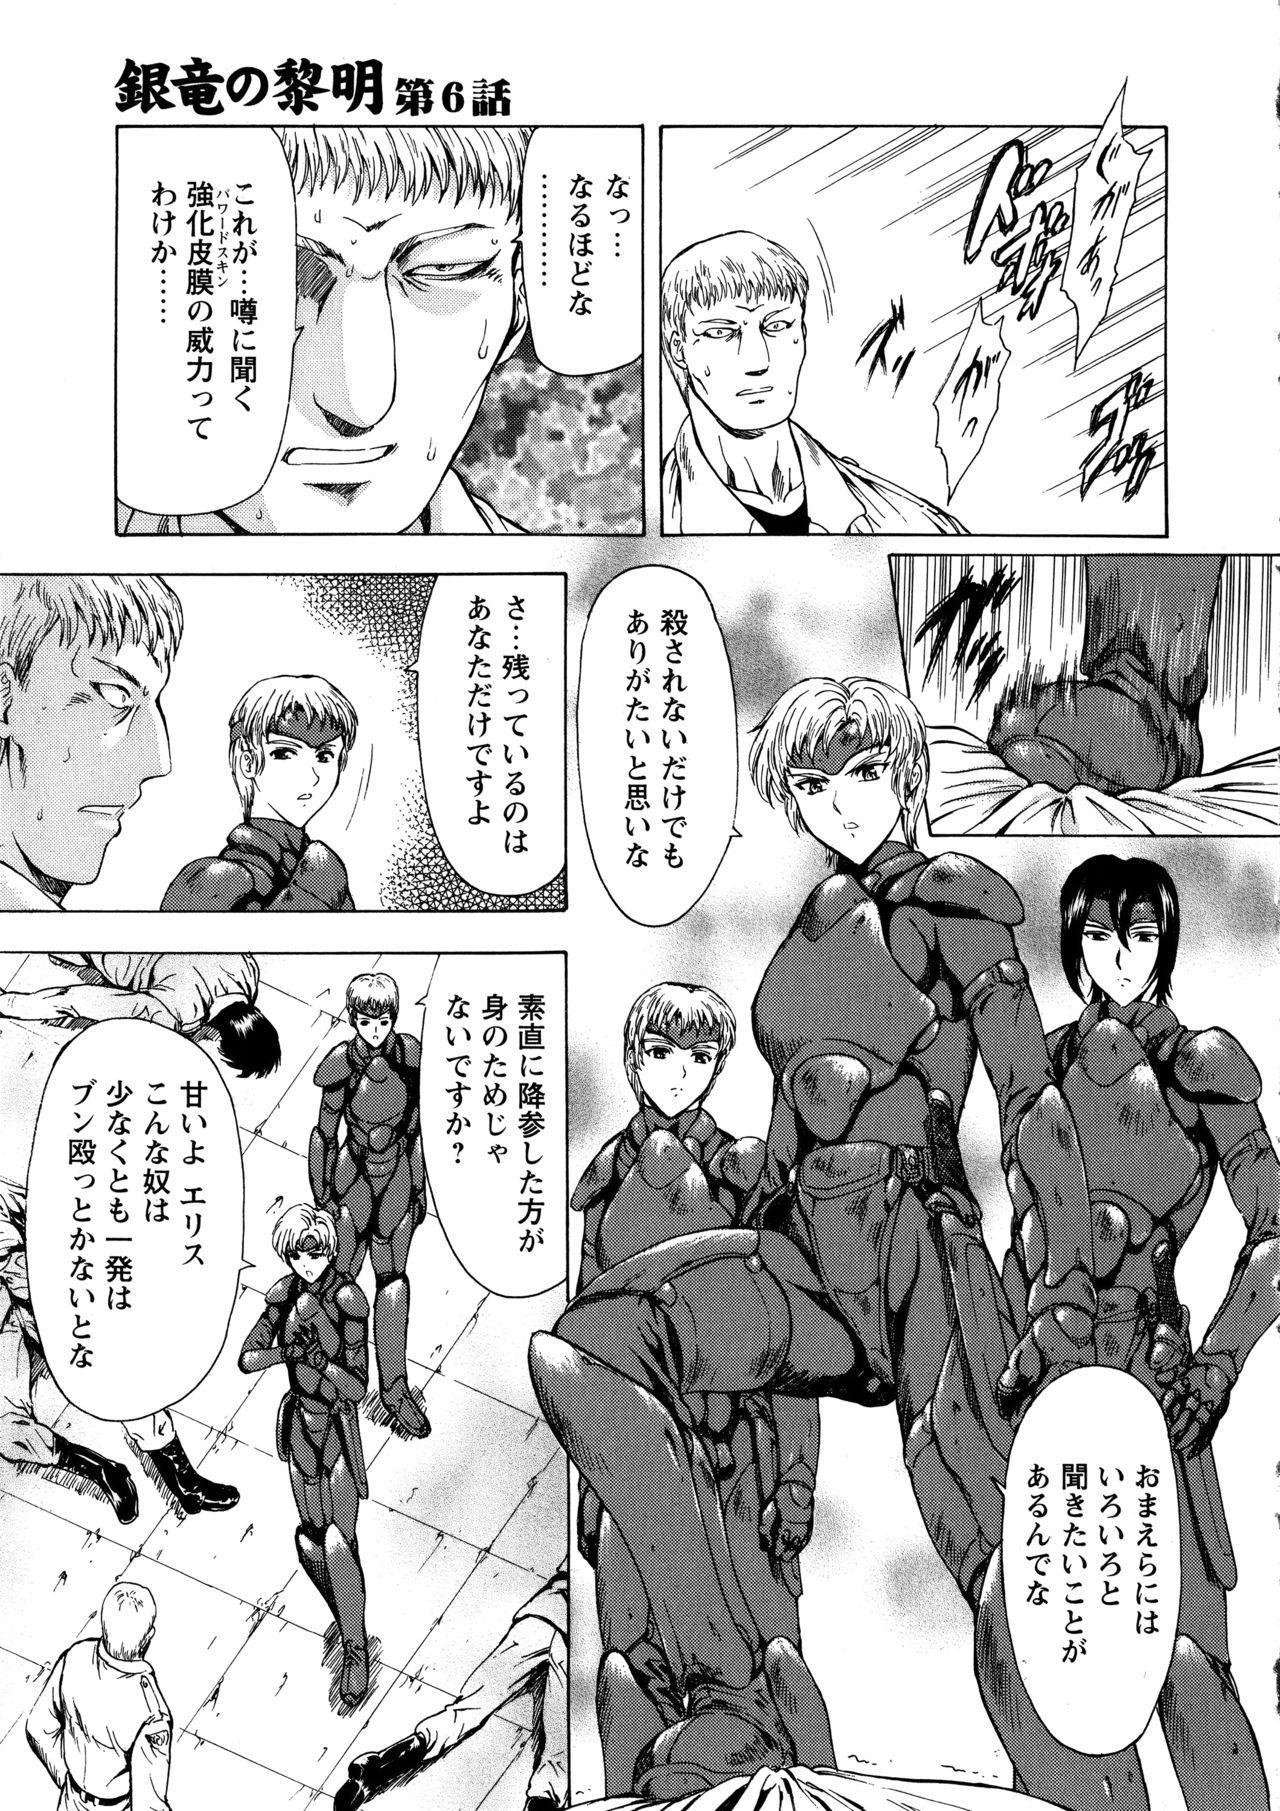 Ginryuu no Reimei Vol. 1 120